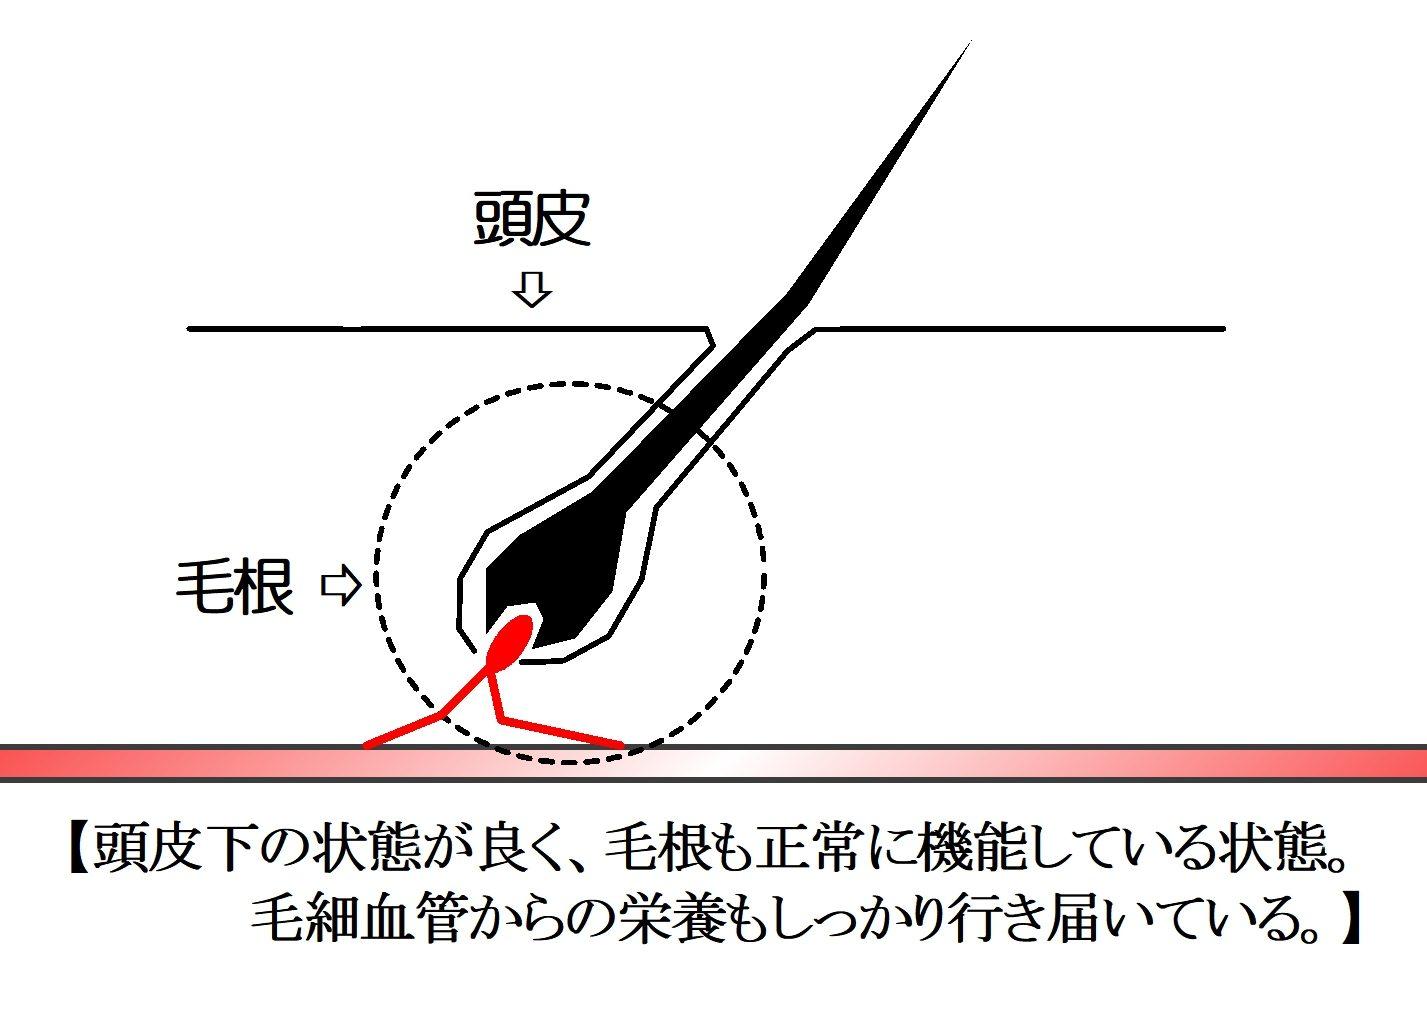 正常な育毛の状態(毛根)